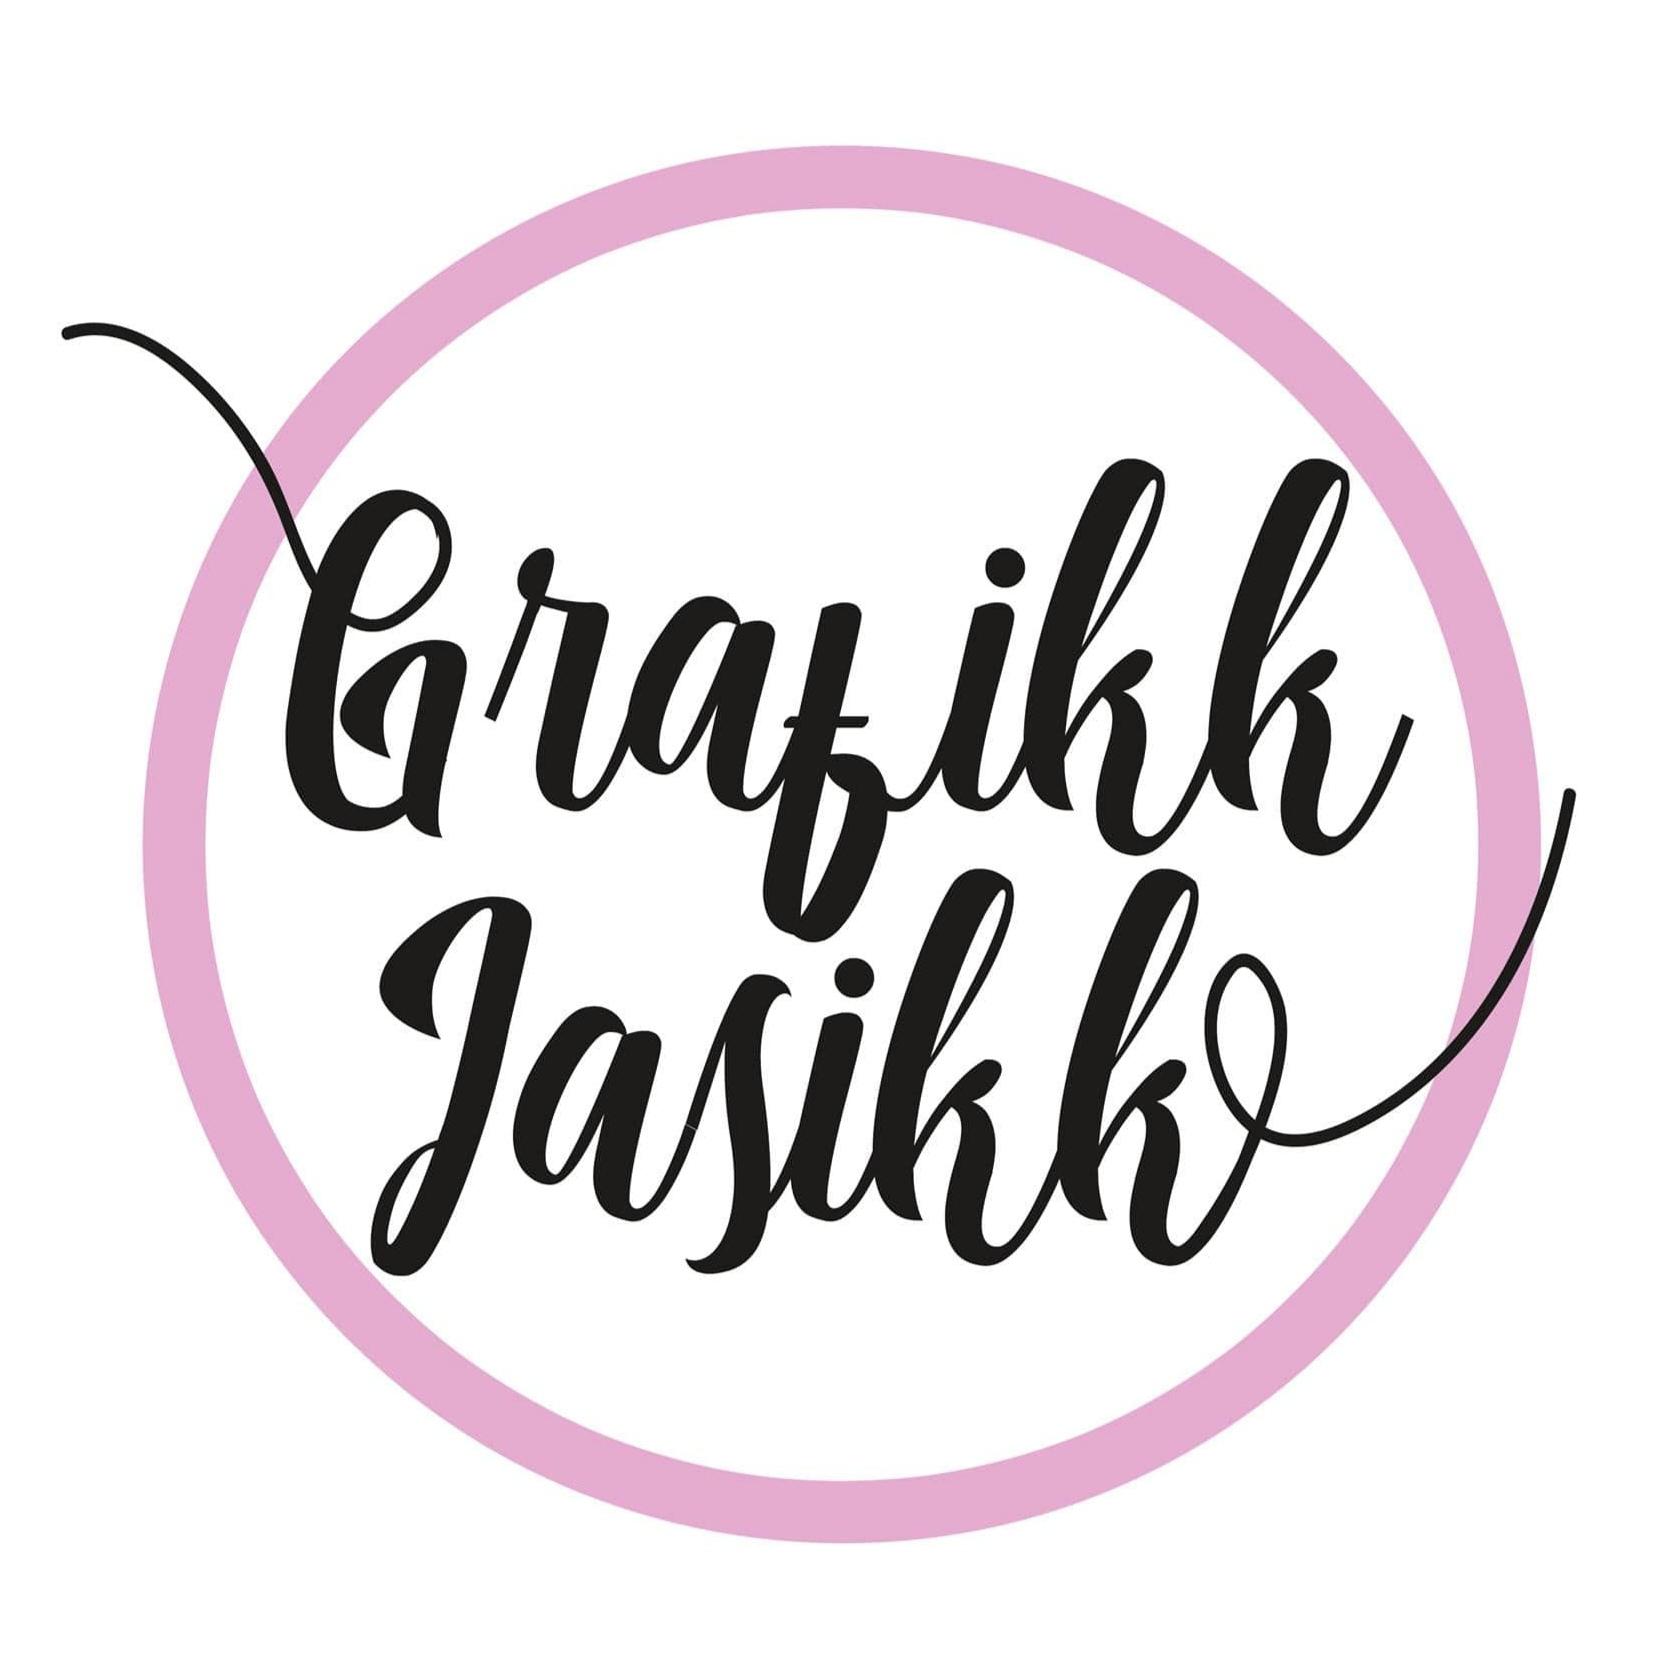 Grafikk Jasikk